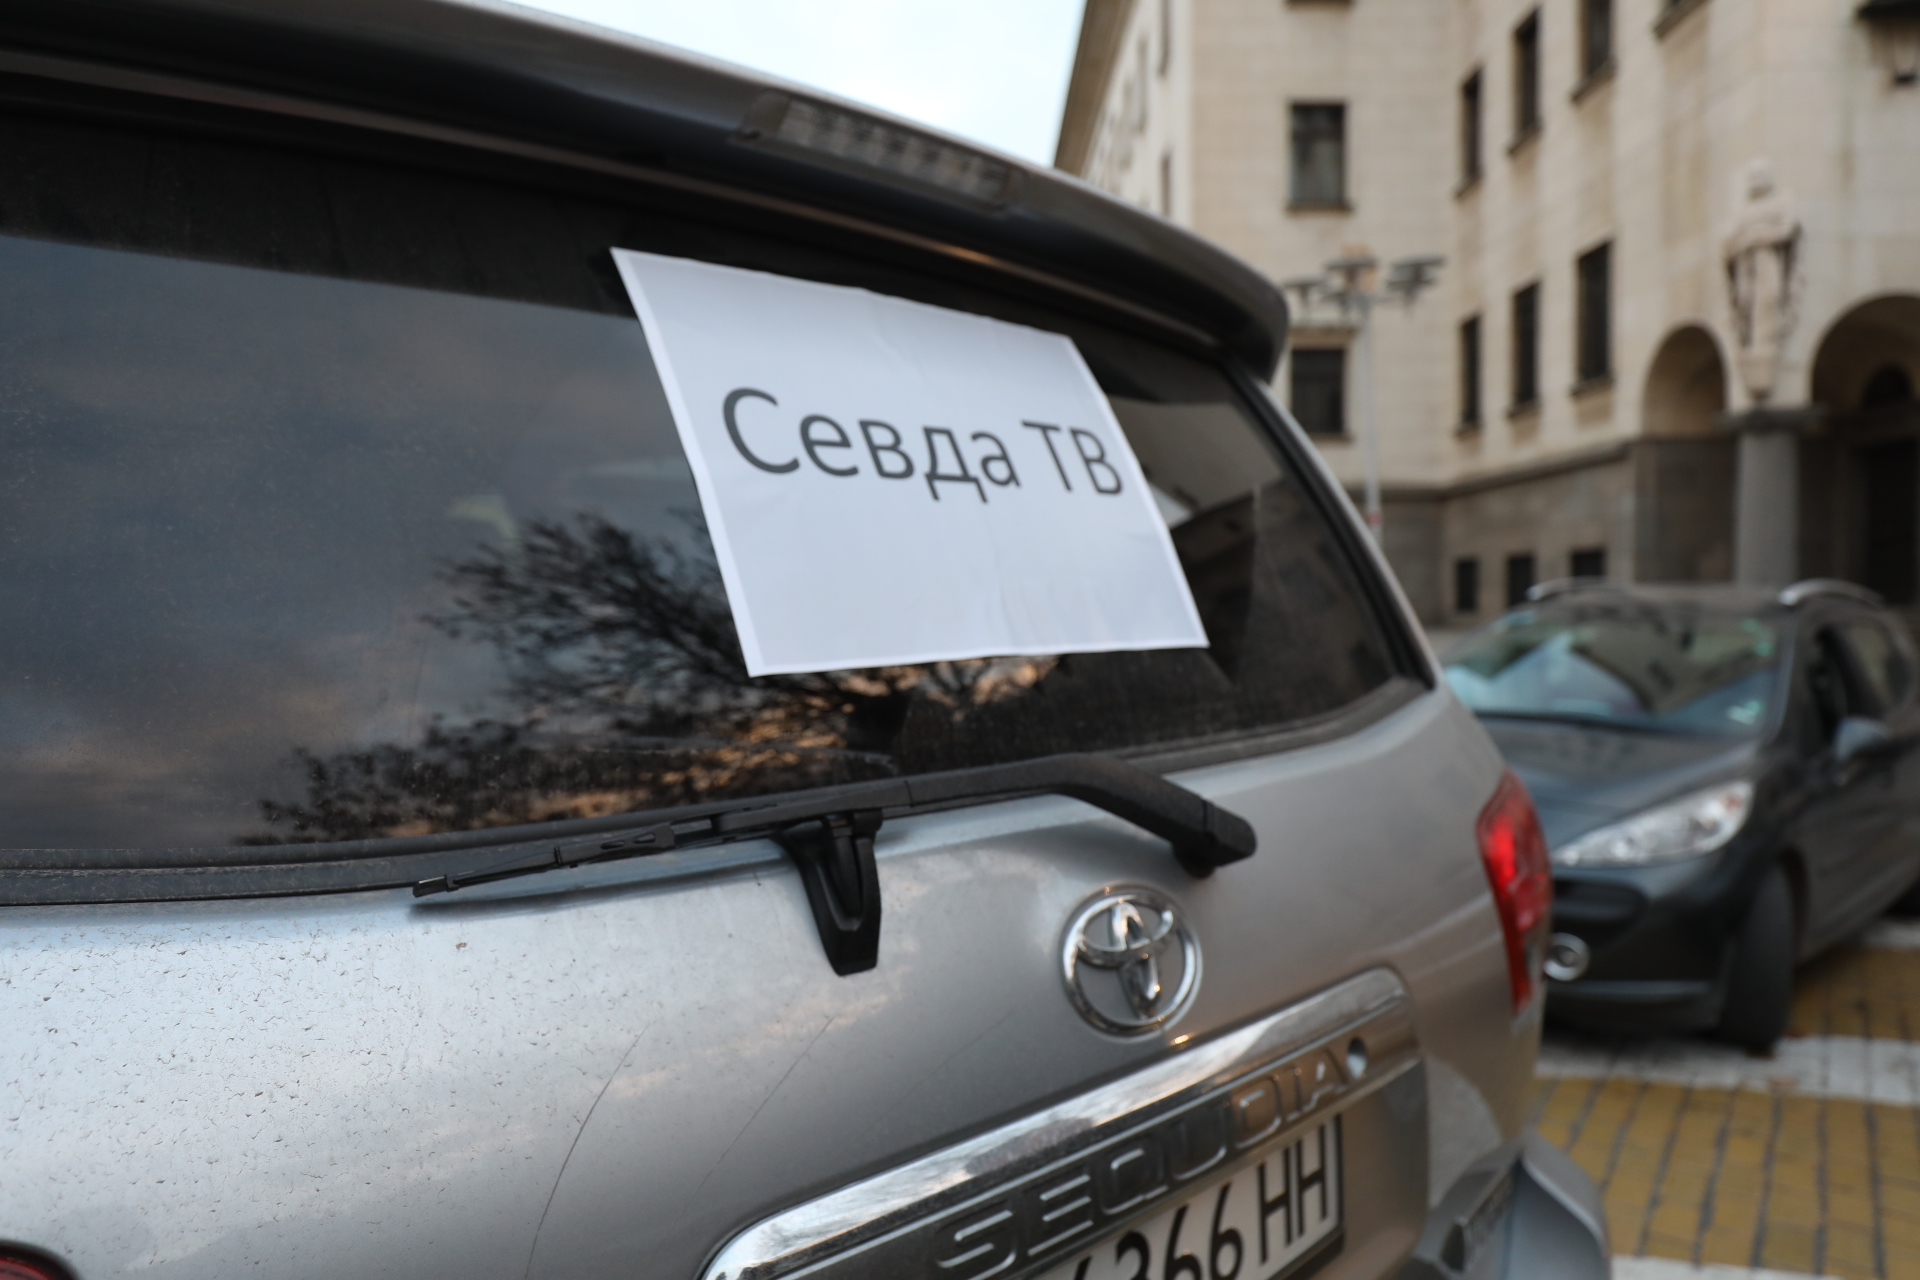 <p>От Отровното трио организираха протестно автошествие. Протестното автошествие под наслов &bdquo;Да махнем &bdquo;вируса&ldquo; от властта&ldquo; тръгна около 16,30 ч. от Министерския съвет към резиденция &bdquo;Бояна&ldquo;, където пристигна към 18:30 часа. Исканията са за събуждане на властта заради COVID обстановката и оставка на правителството.</p>